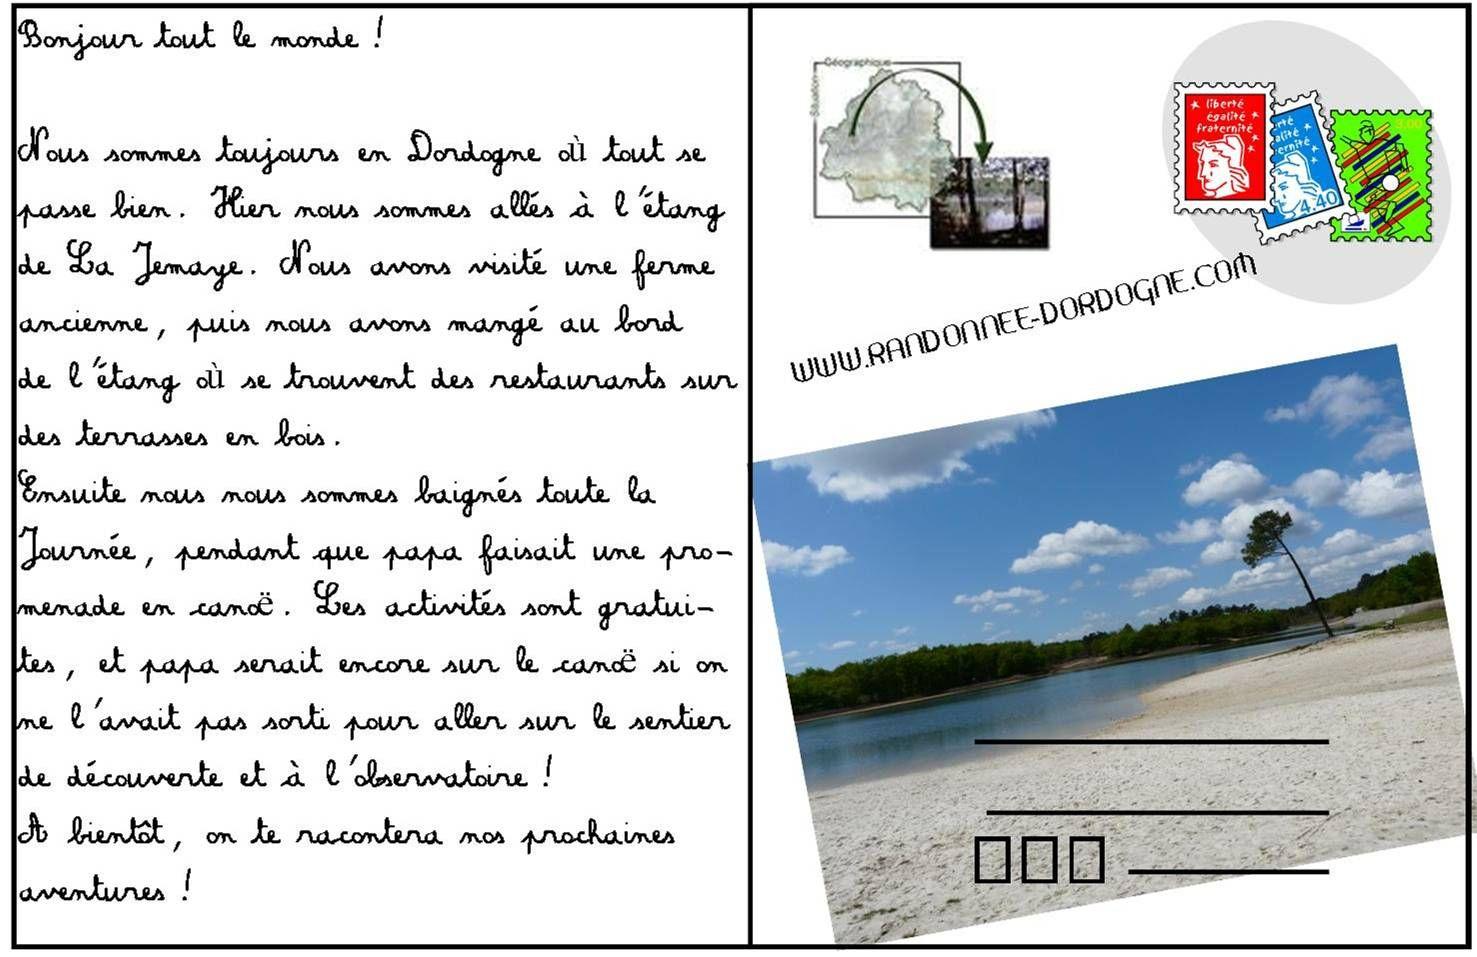 Carte postale Lajemaye Randonnée Dordogne | Expression | Pinterest | Fle, France et Vacances